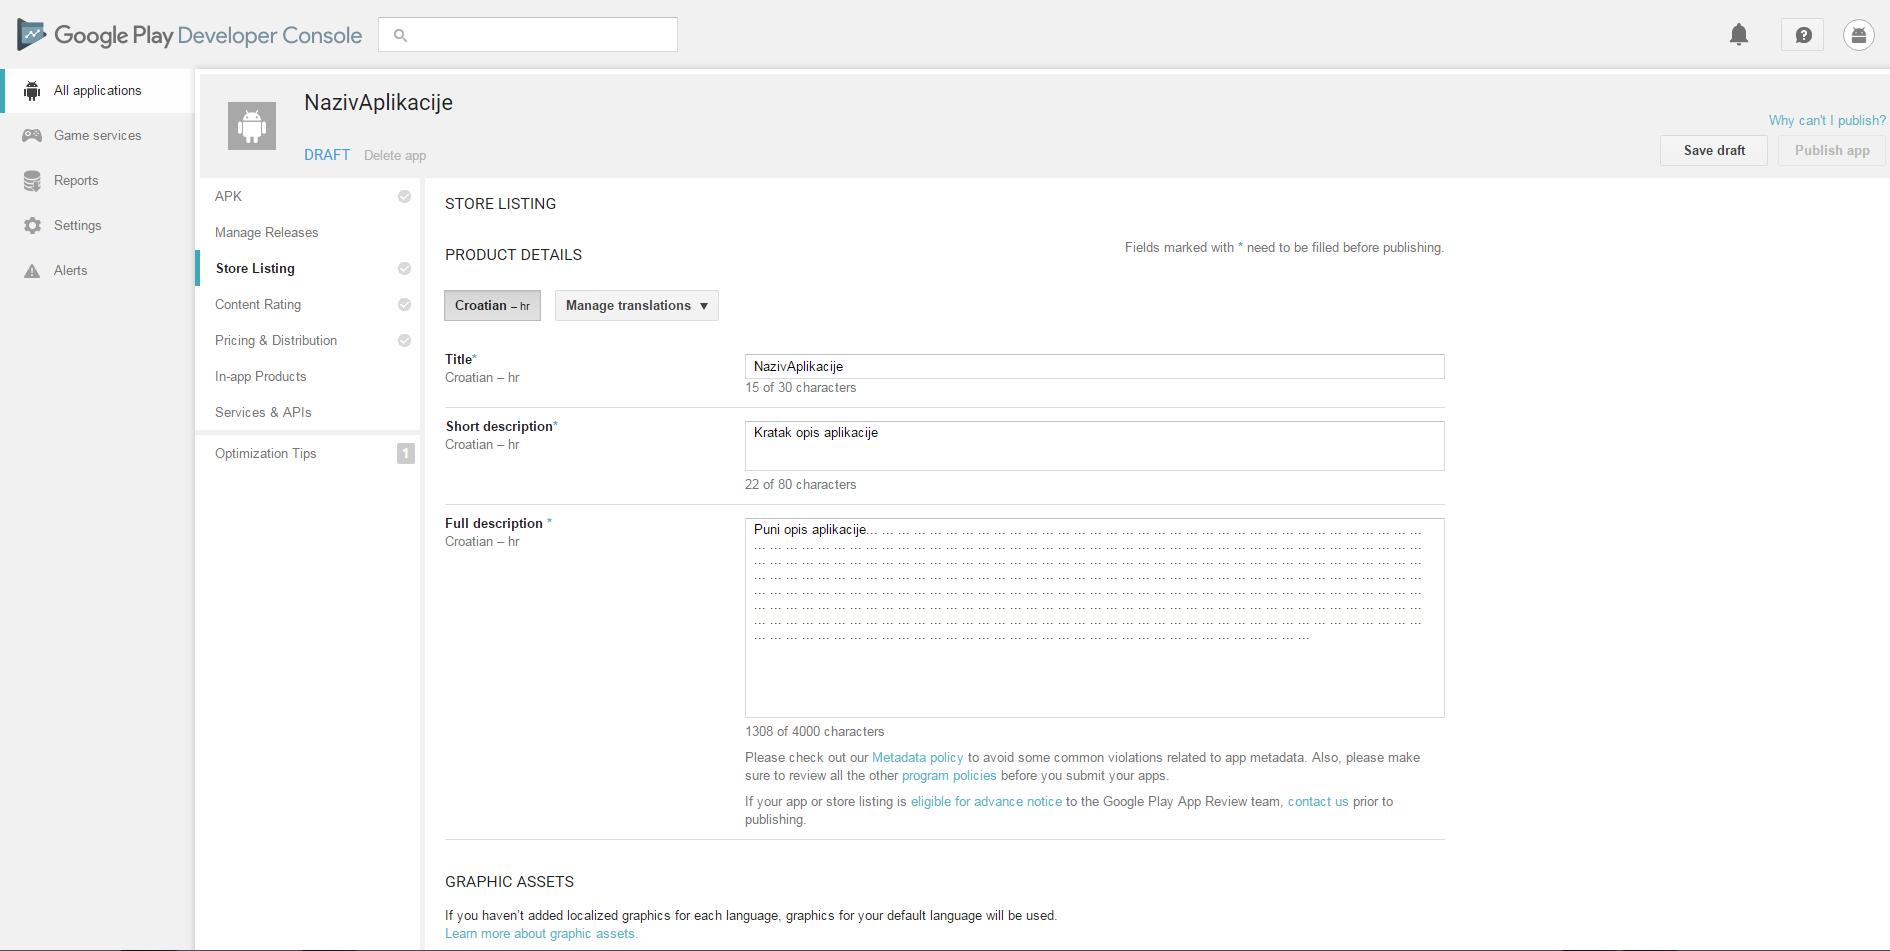 Google Play Developer Console: Prepare Store Listing